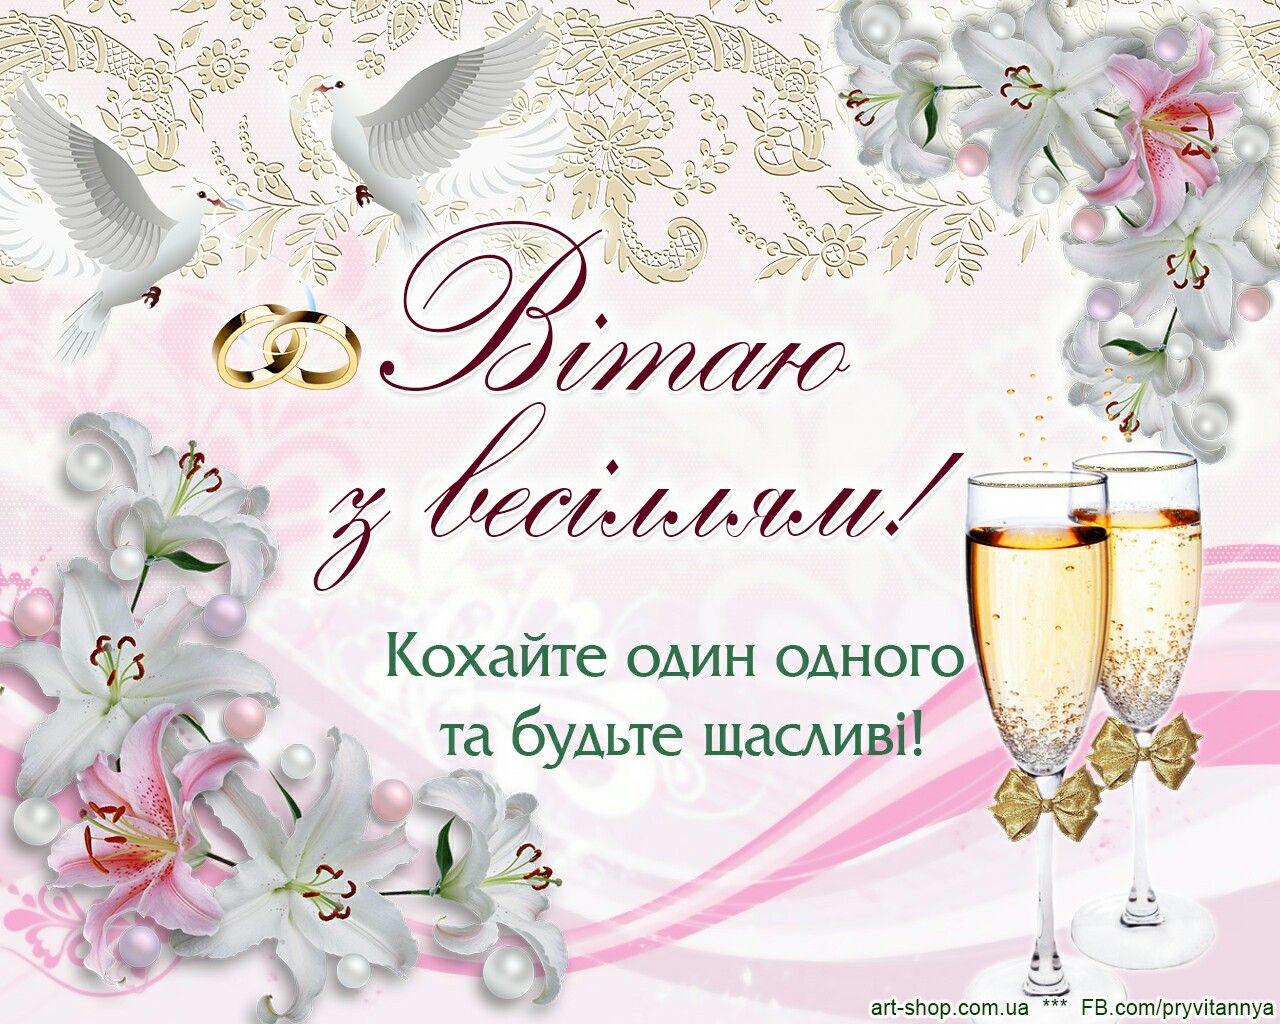 Поздравление на свадьбу подруге на украинском